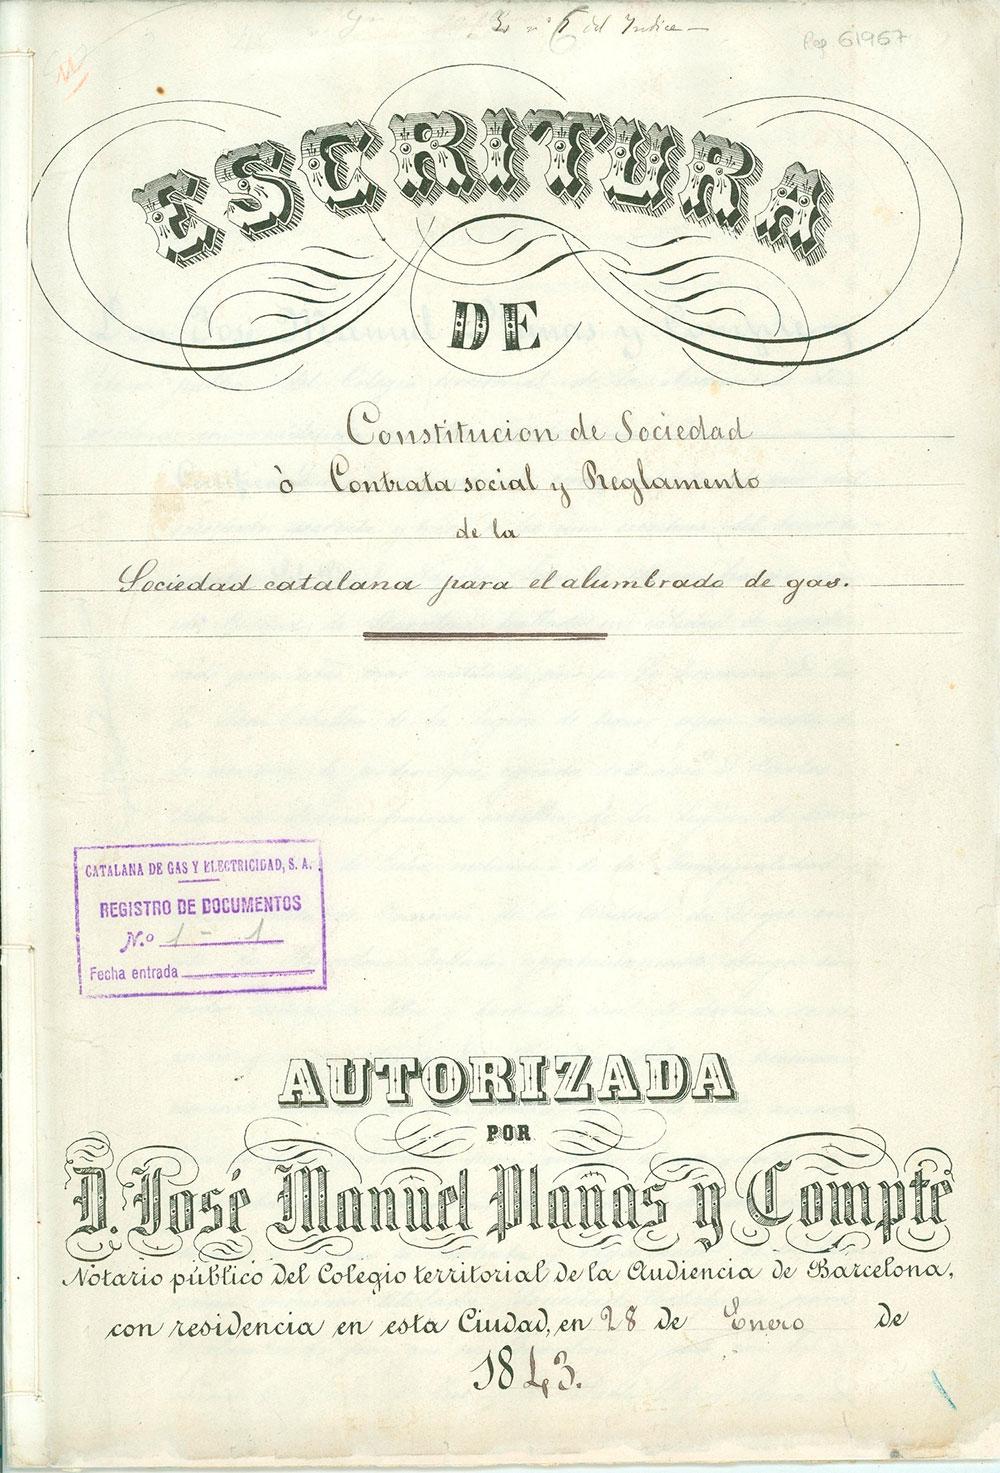 constitucion-sociedad-catalana-gas